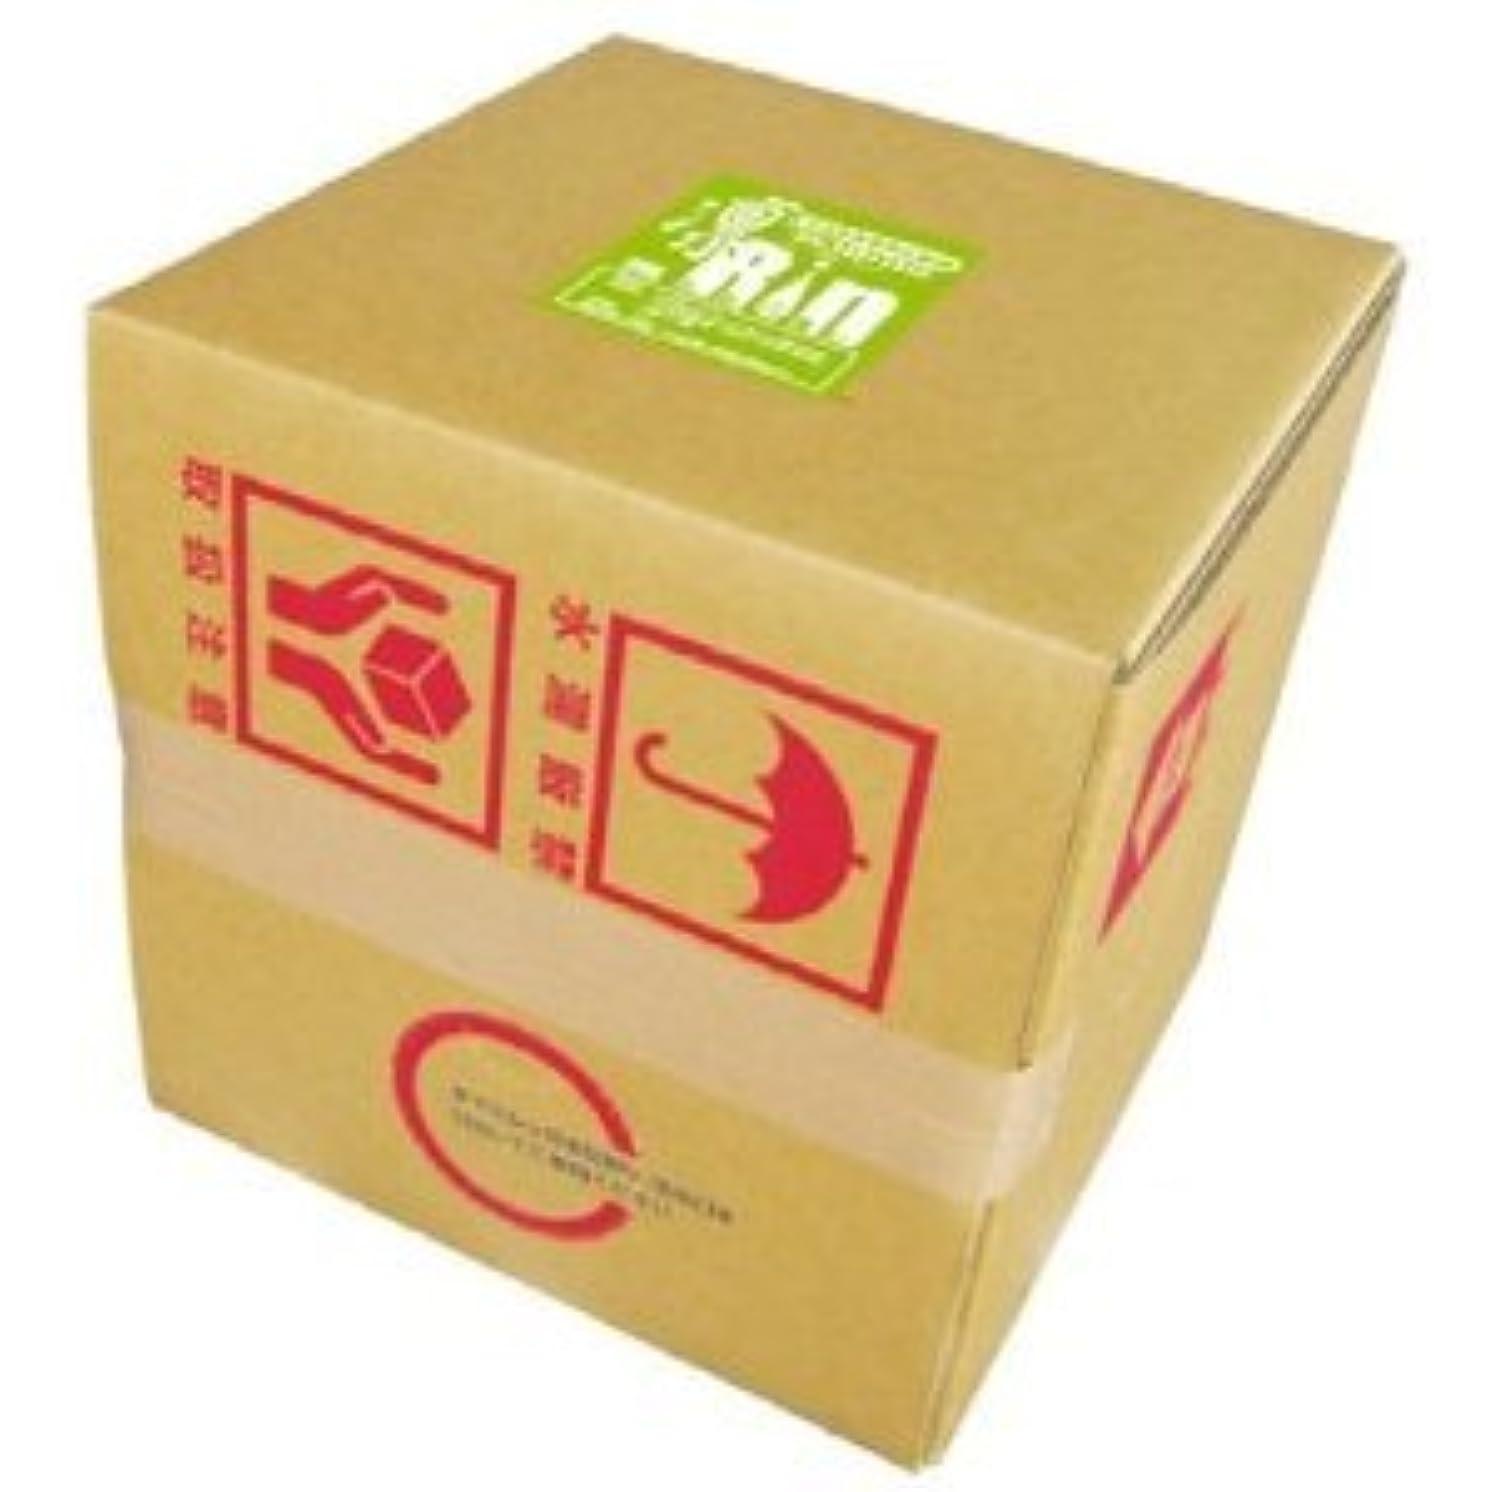 項目謎めいた煙突くさの葉化粧品 ボディソープ 凛 20リットル 箱